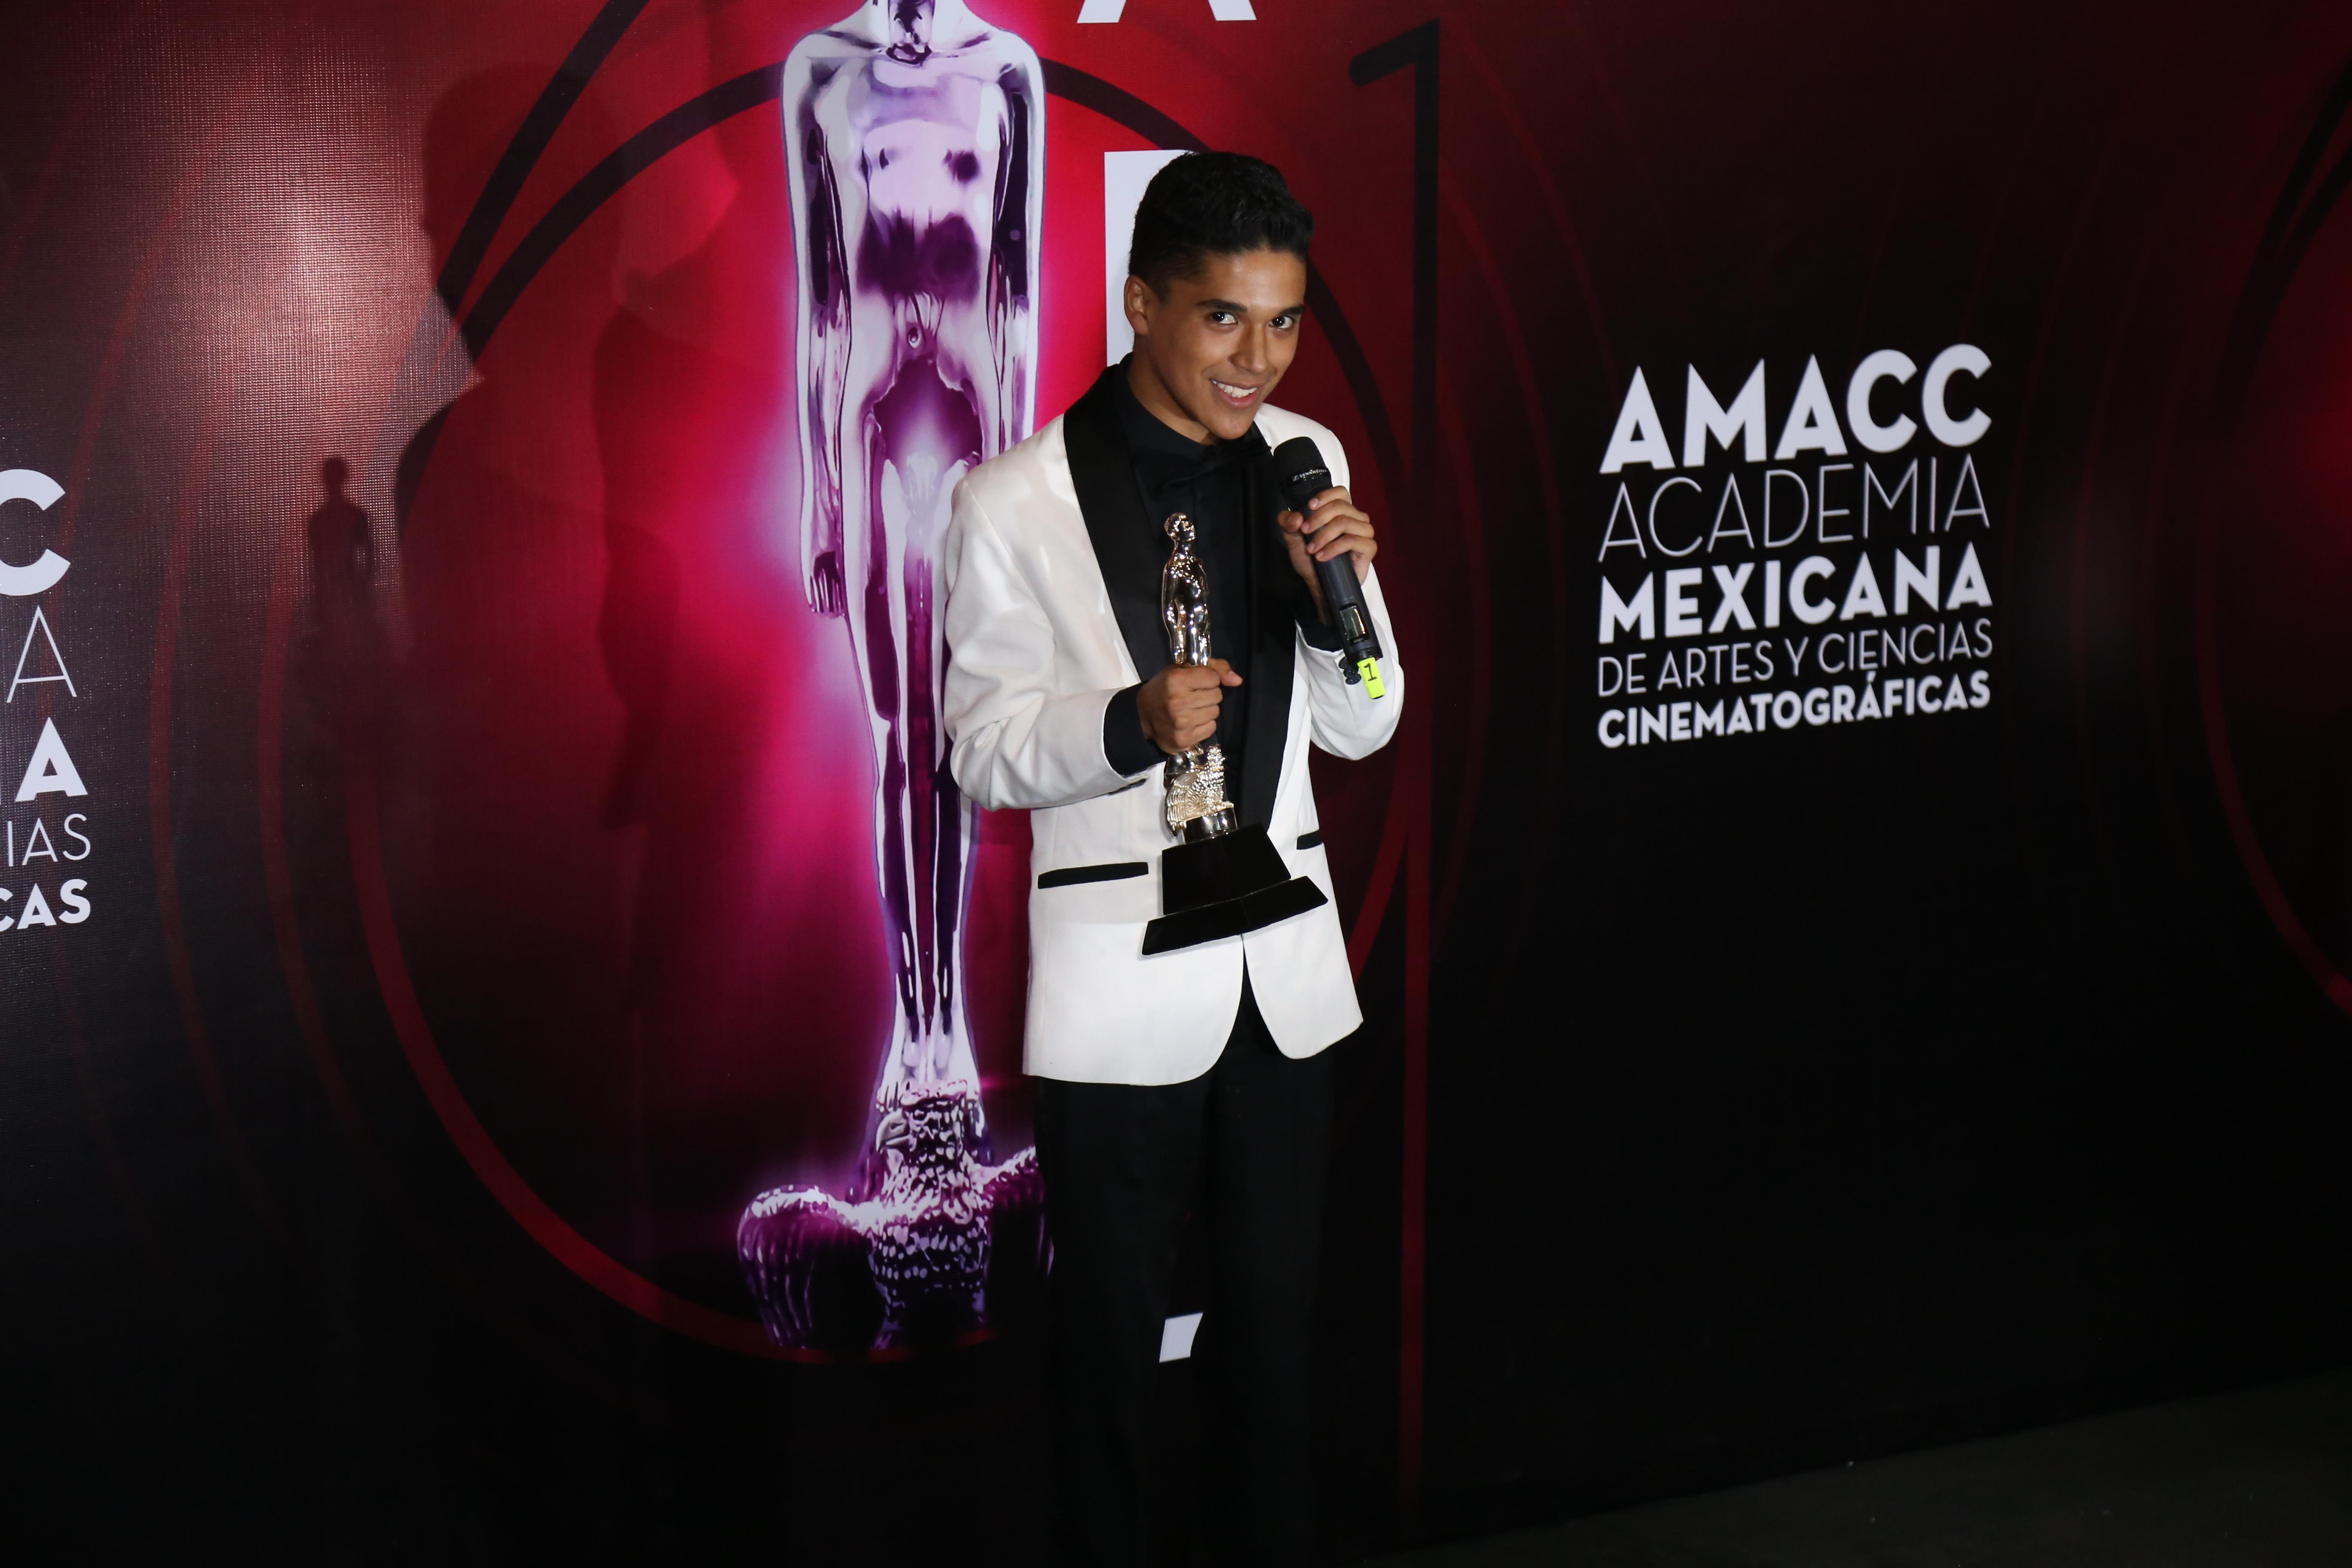 Benny Emmanuel, revelación actoral (Foto: Juan Vicente Manrique/Infobae)